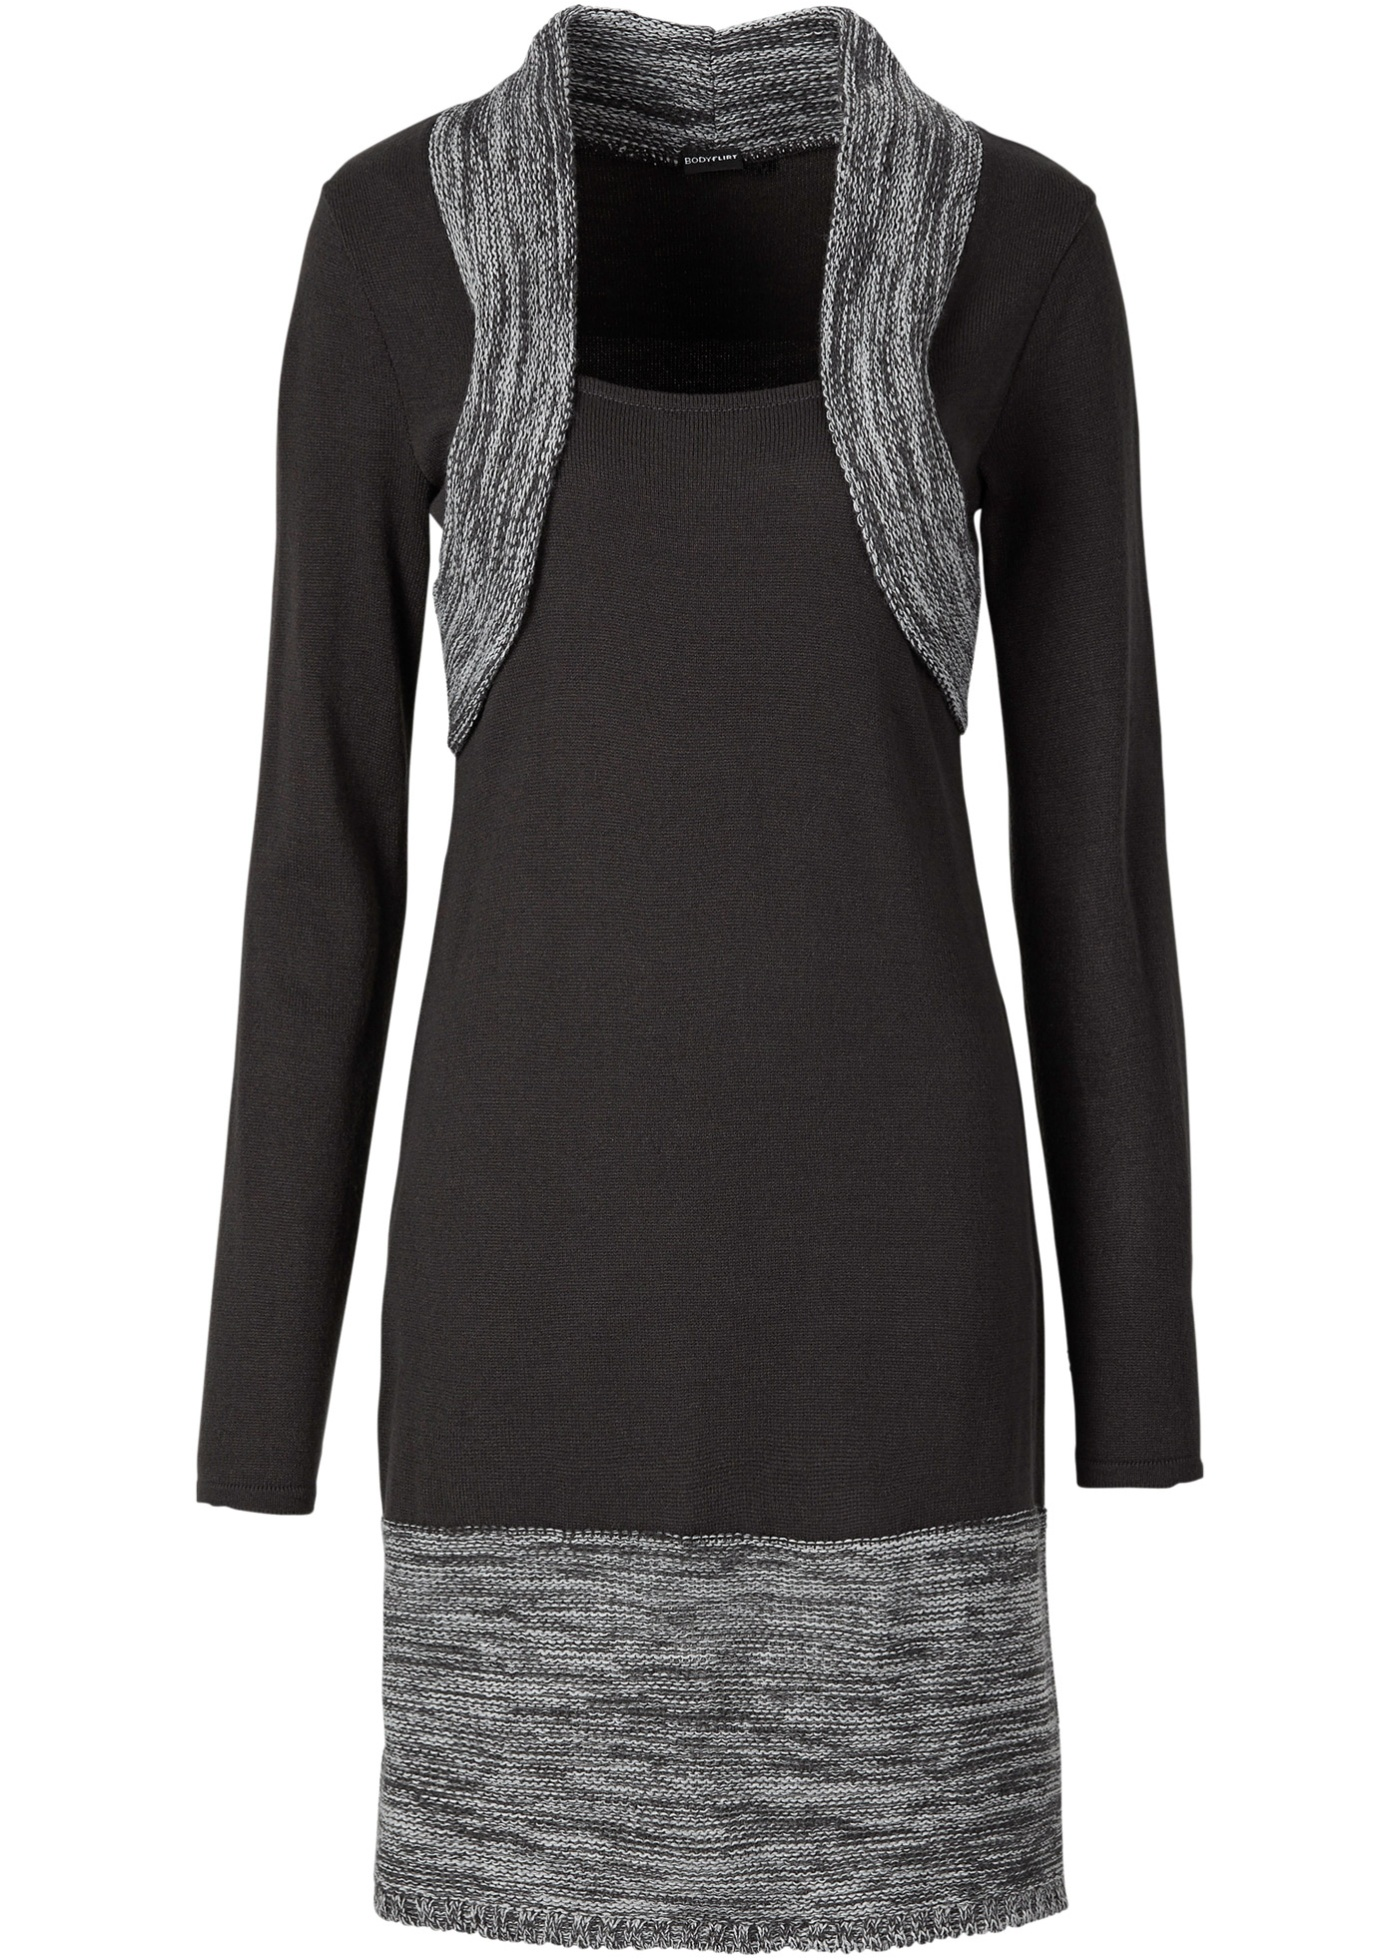 Strickkleid langarm  in grau von bonprix Damenmode > Damenbekleidung > Kleider > Langarmkleider